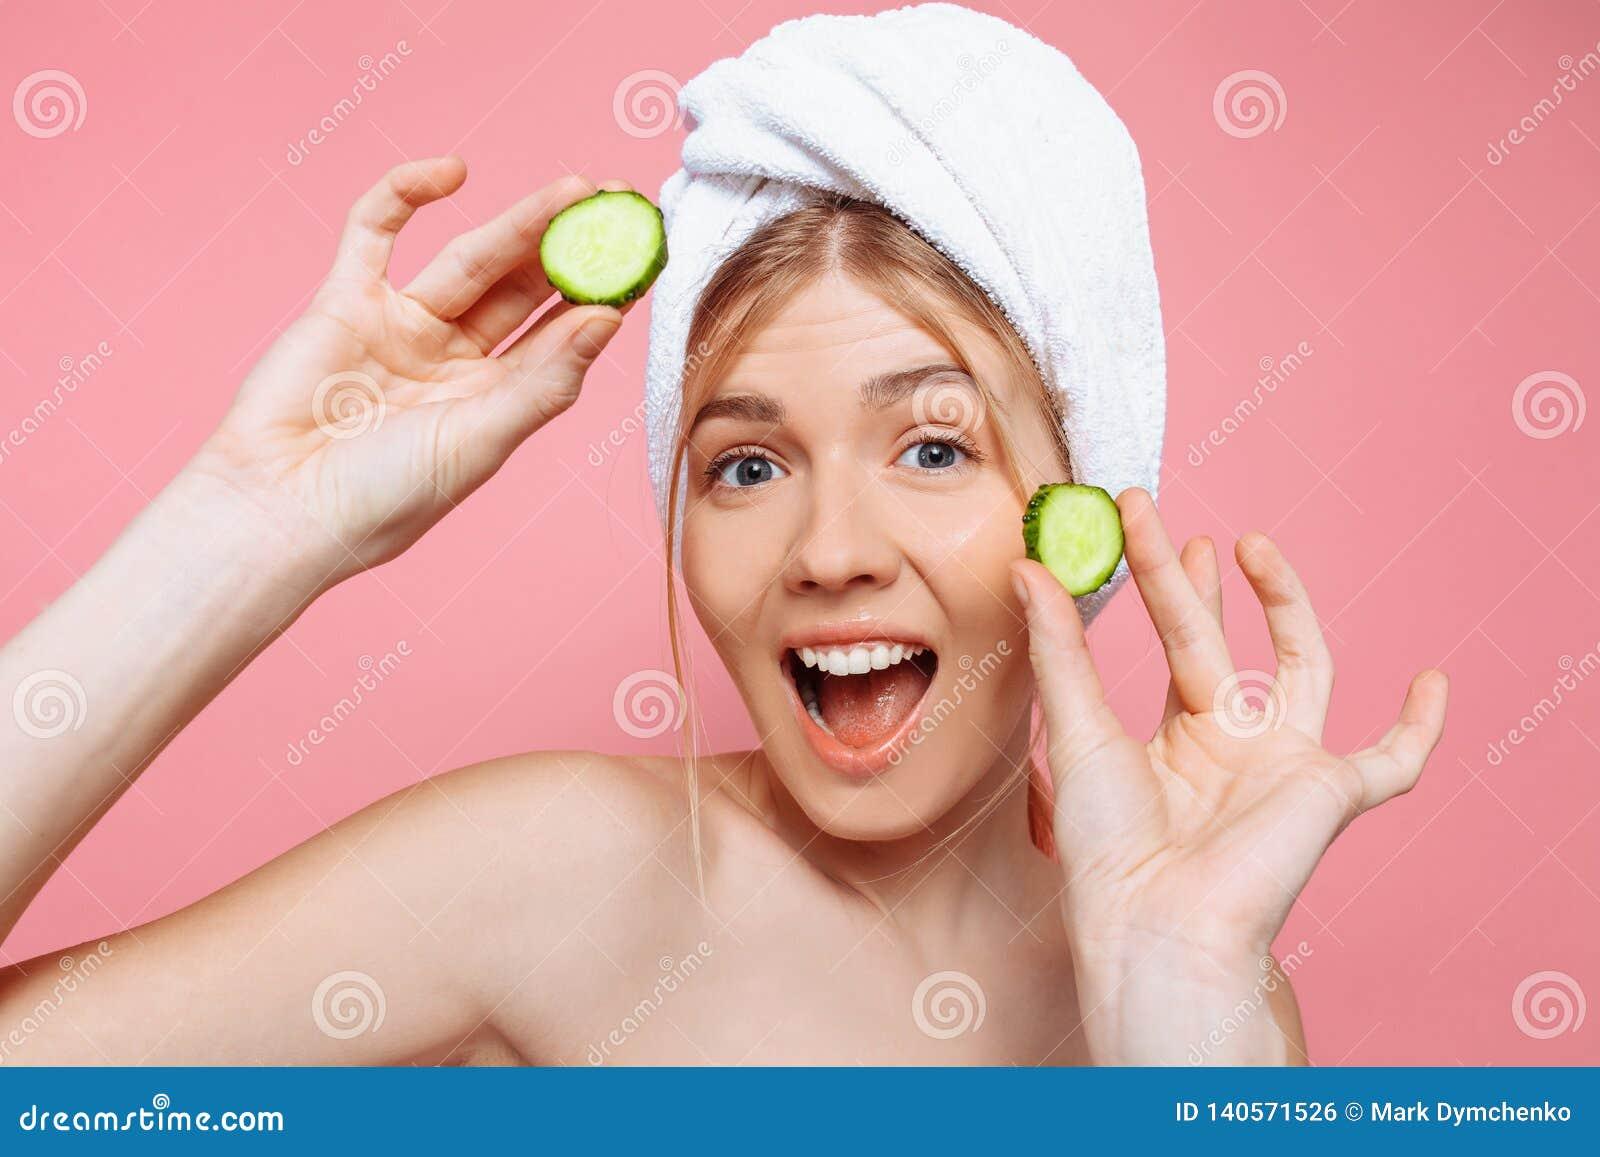 Mulher alegre atrativa com uma toalha envolvida em torno de sua cabeça, guardando fatias do pepino perto de sua cara, em um fundo